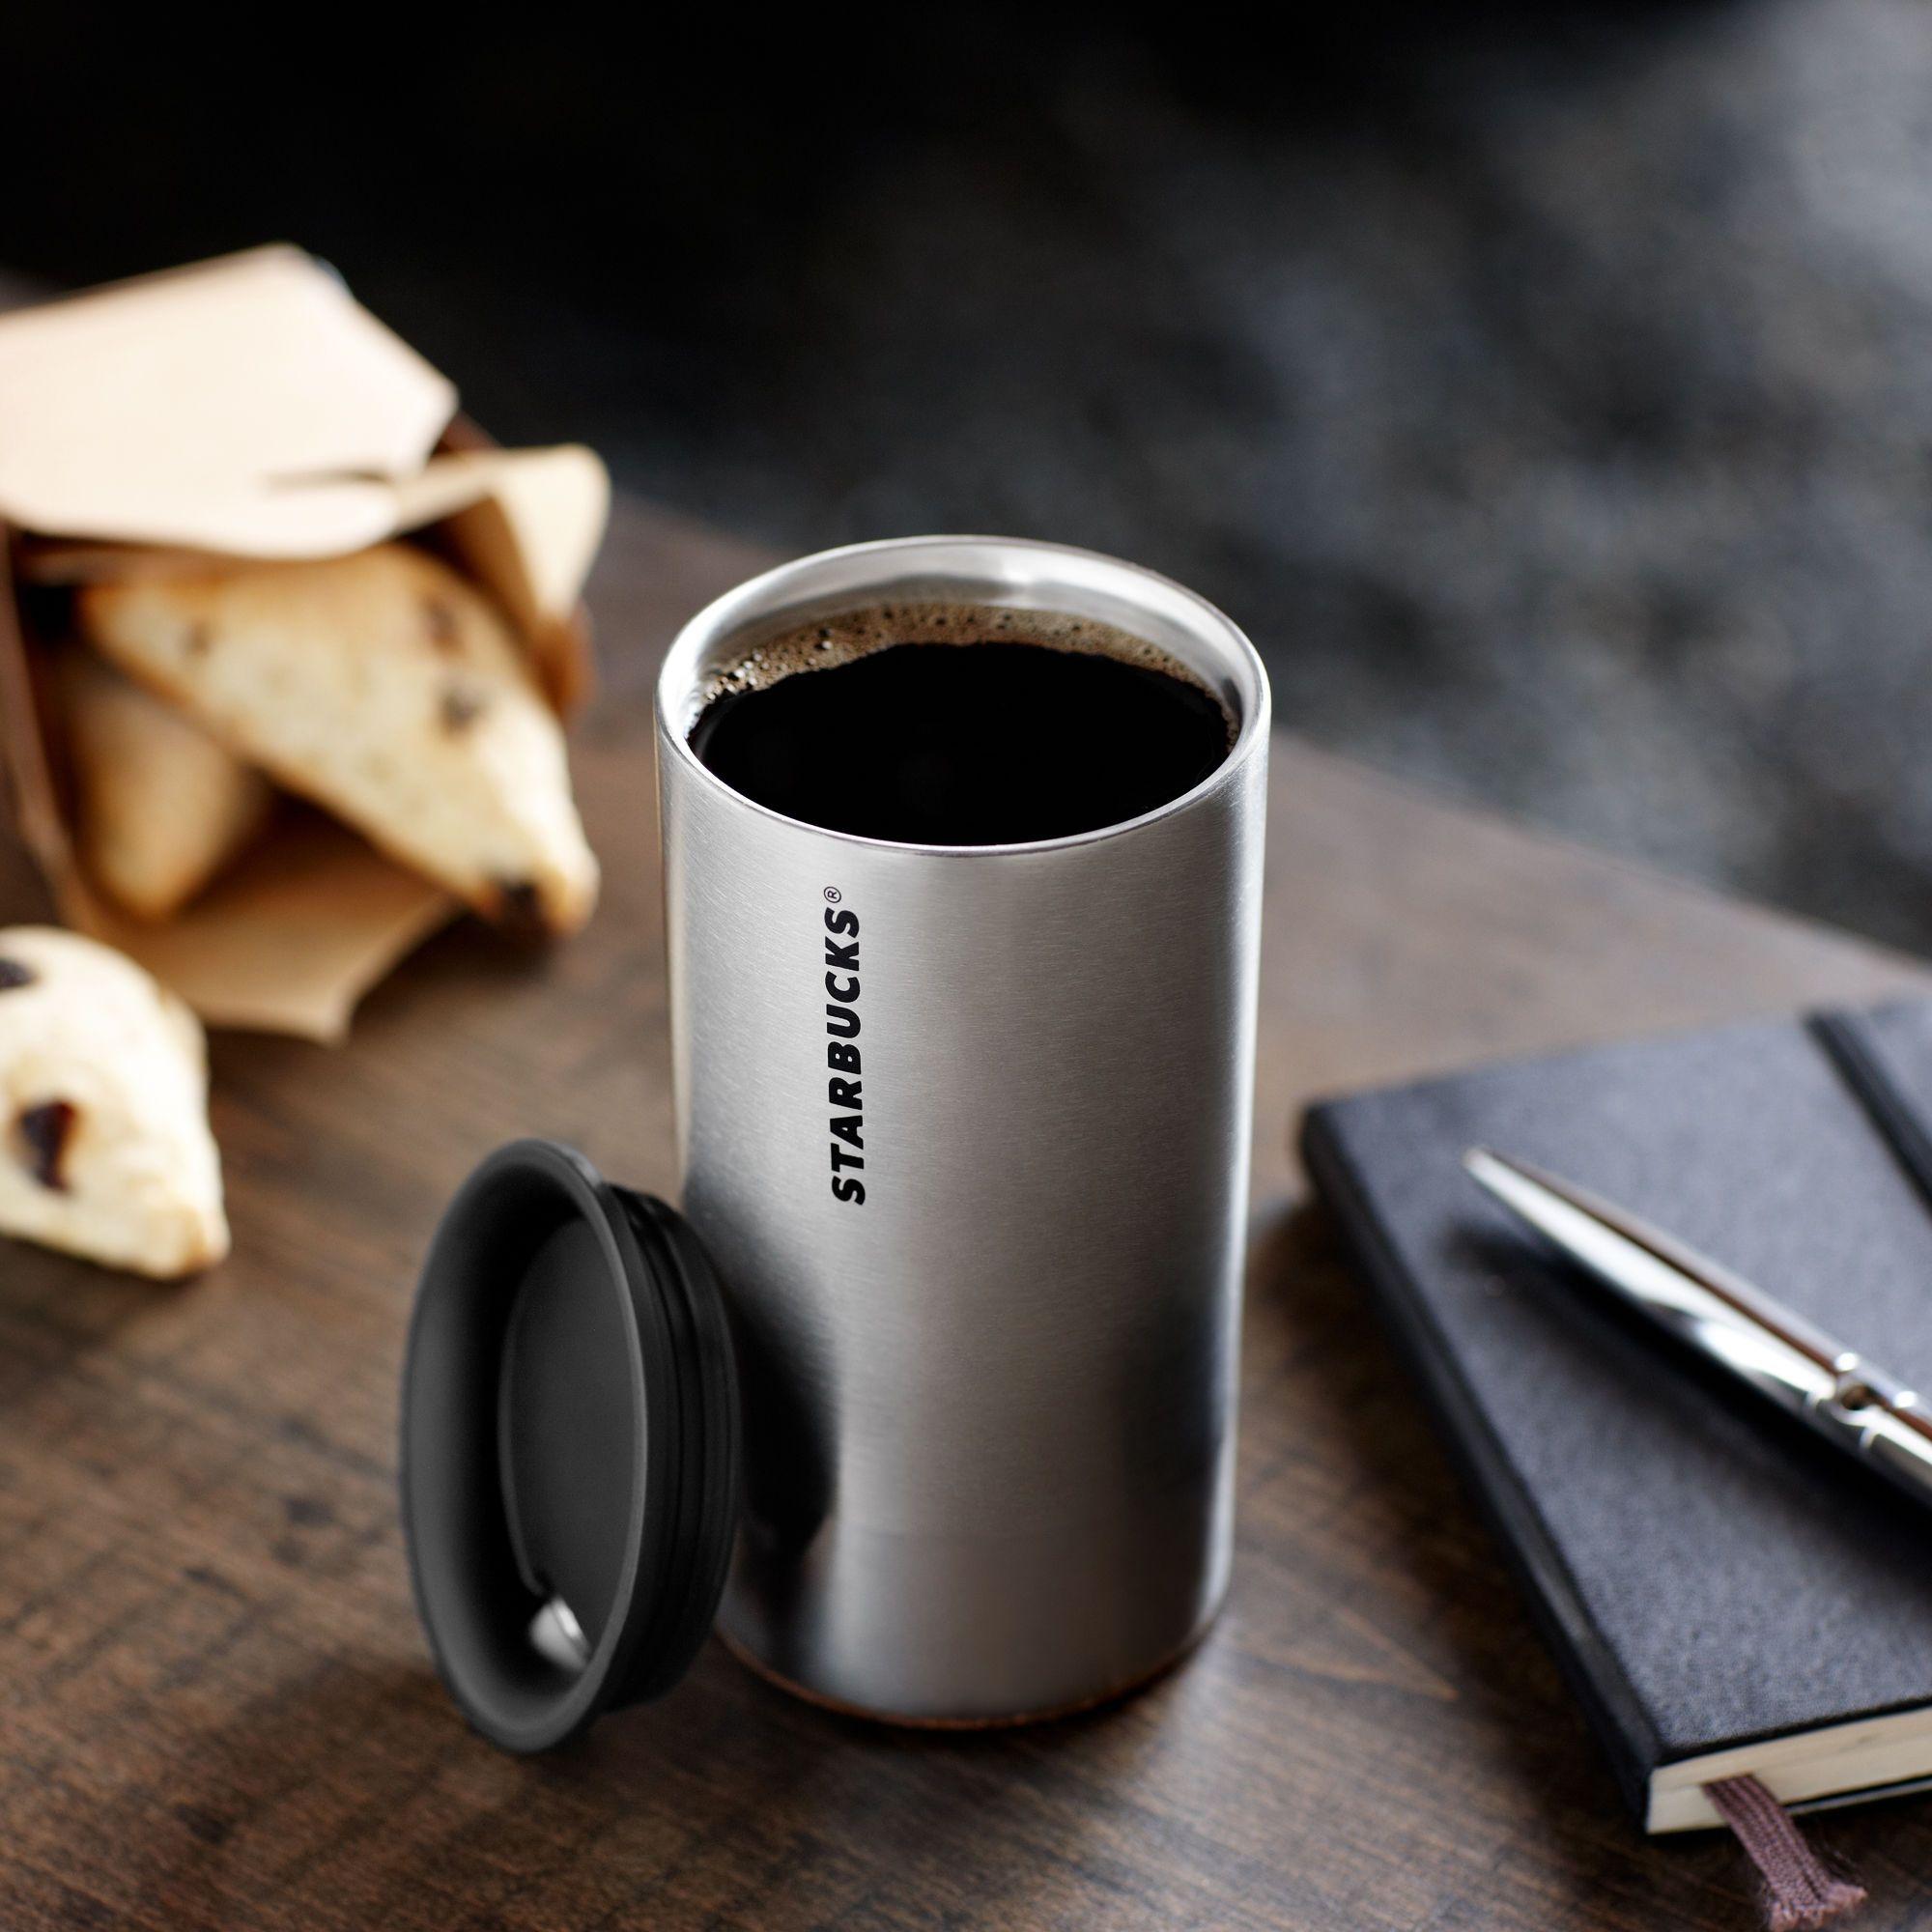 8 Ounce Travel Coffee Mugs